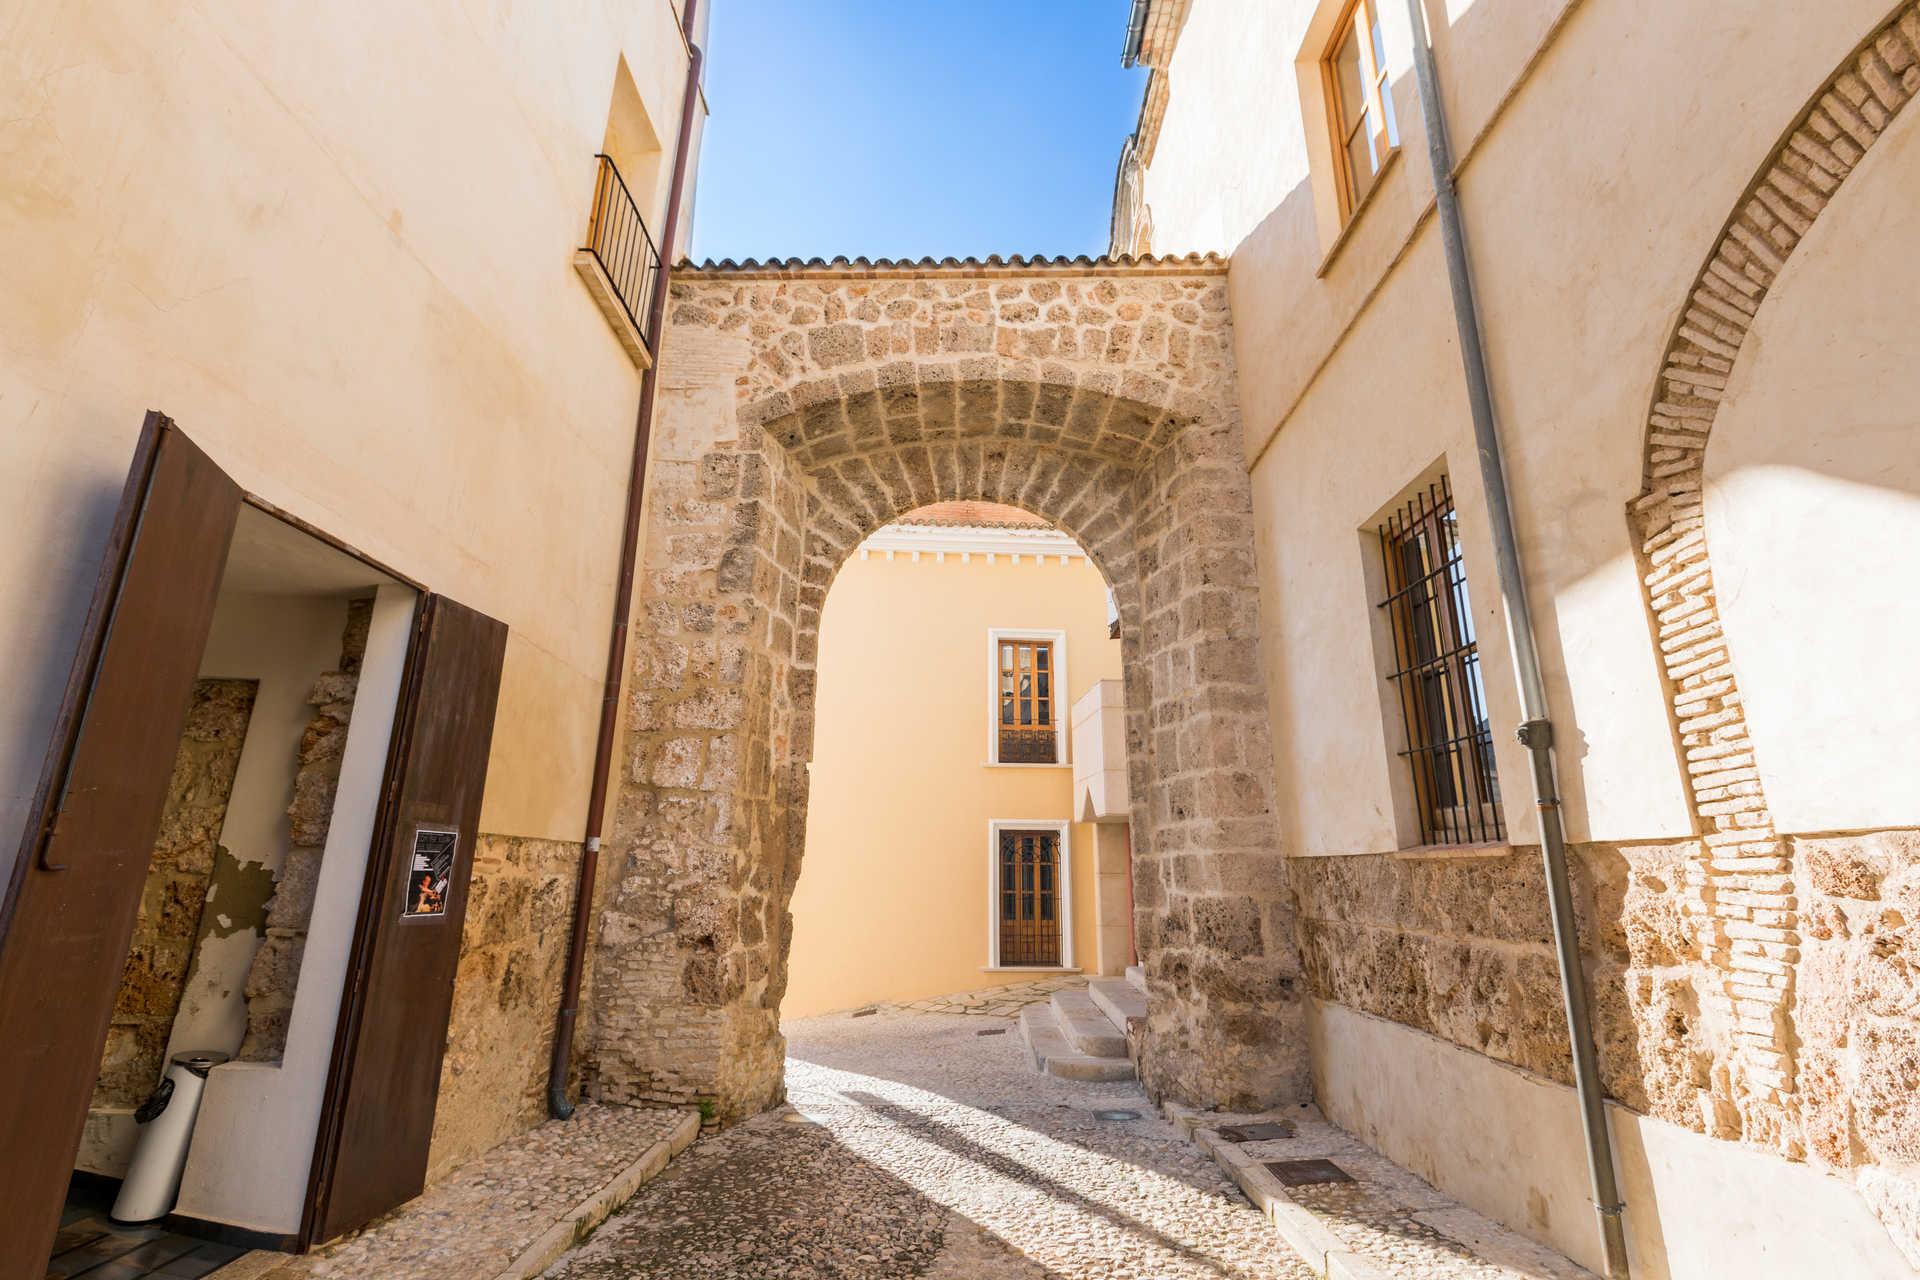 CASTILLO PALACIO DE LOS MILÁN DE ARAGÓN (LES MARQUIS D'ALBAIDA)